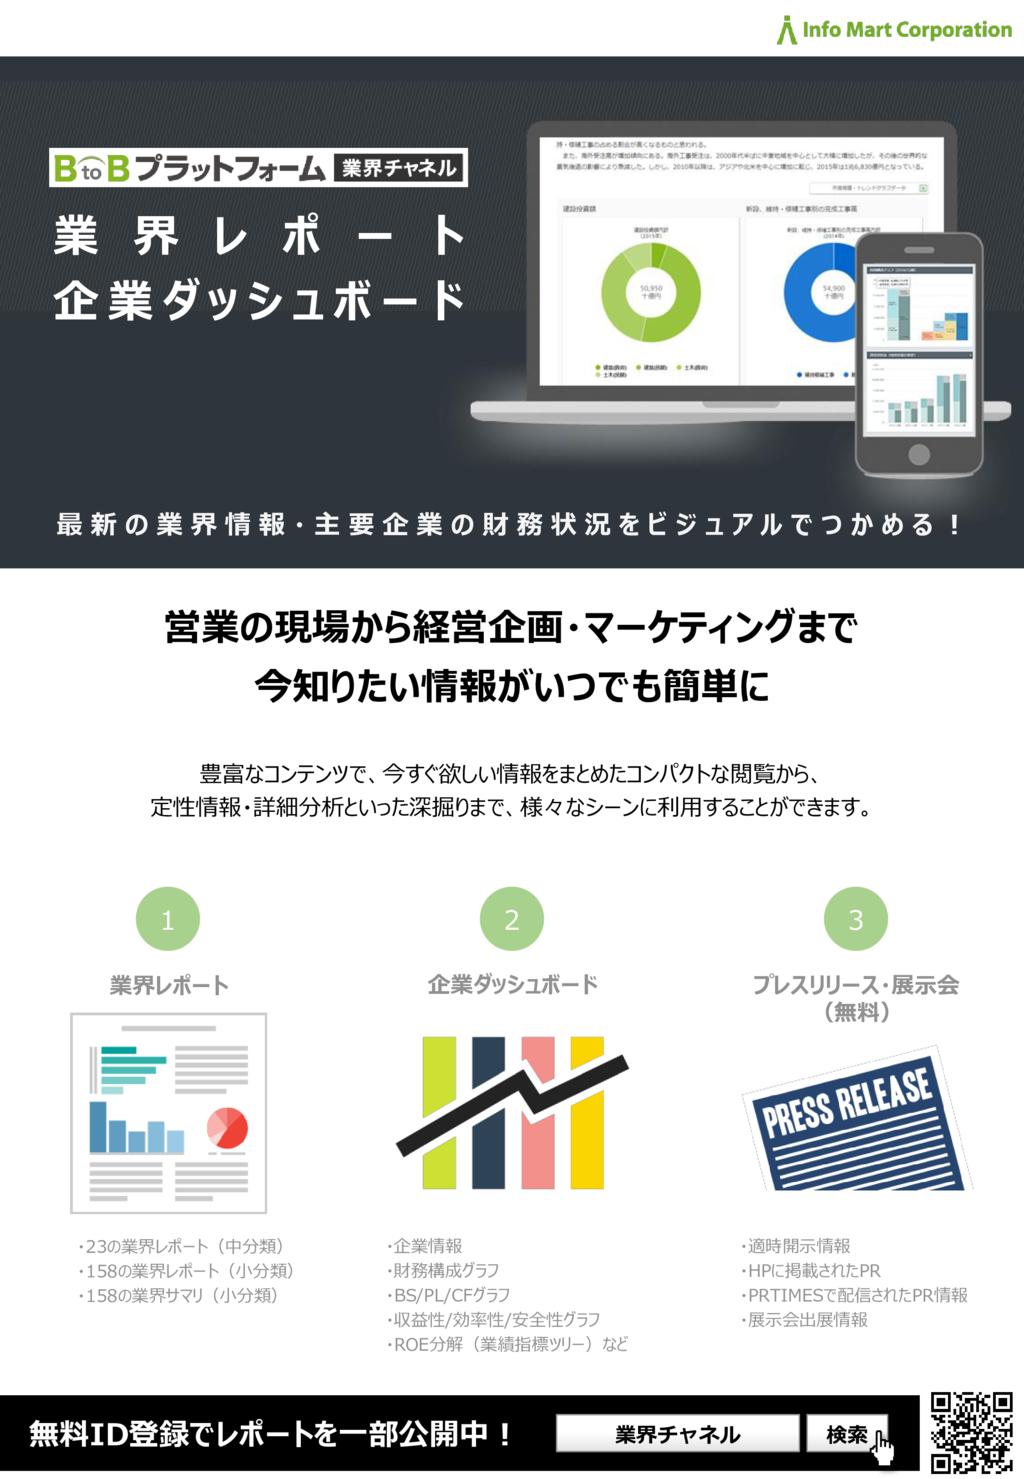 BtoBプラットフォーム 業界チャネルの資料